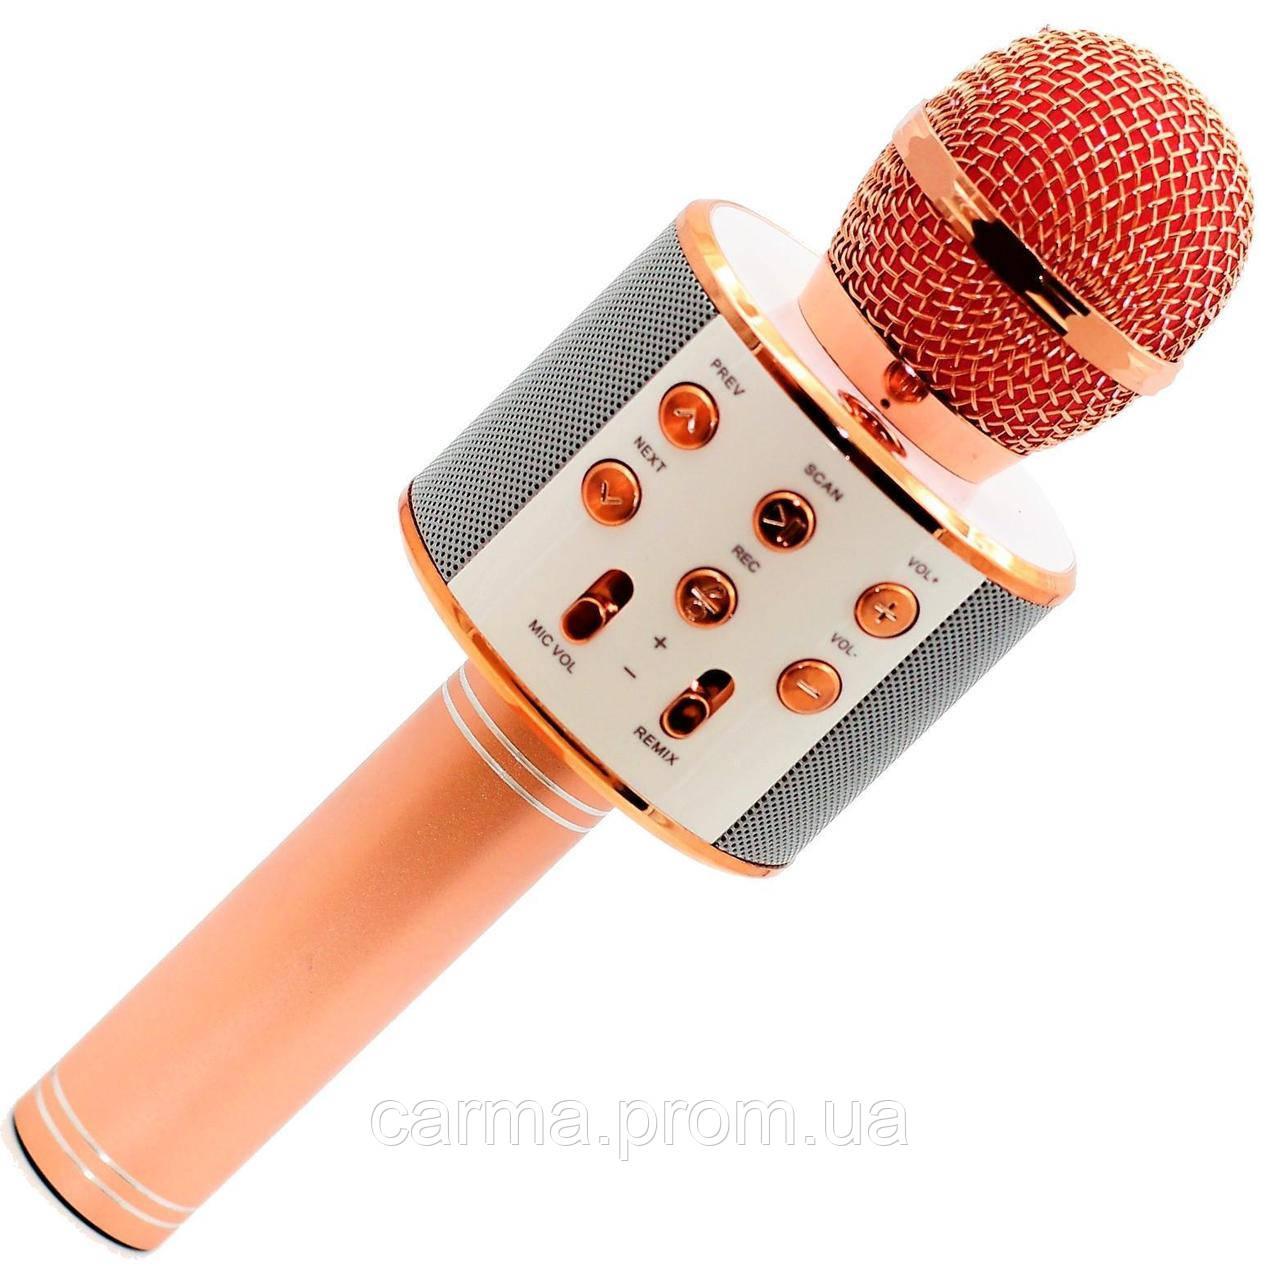 Караоке микрофон KTV WS 858 Розовый